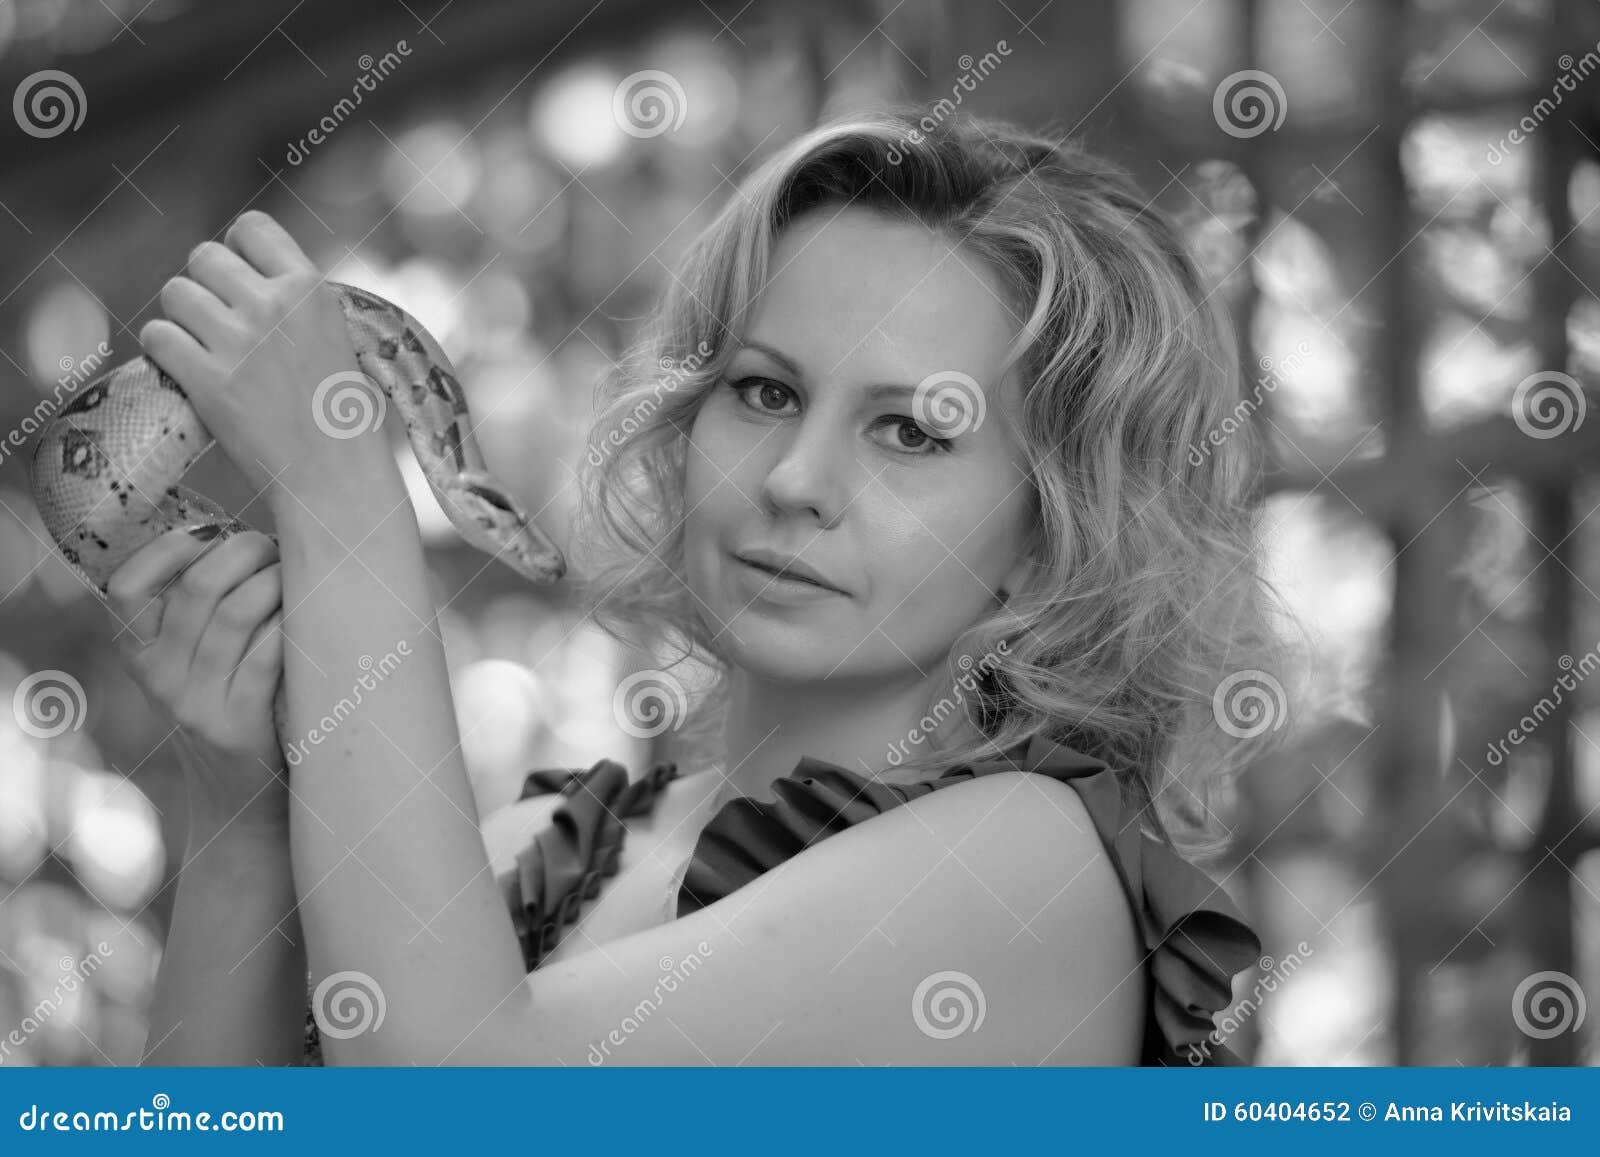 庄重装束的与Python,葡萄酒黑白照片白肤金发的妇女,